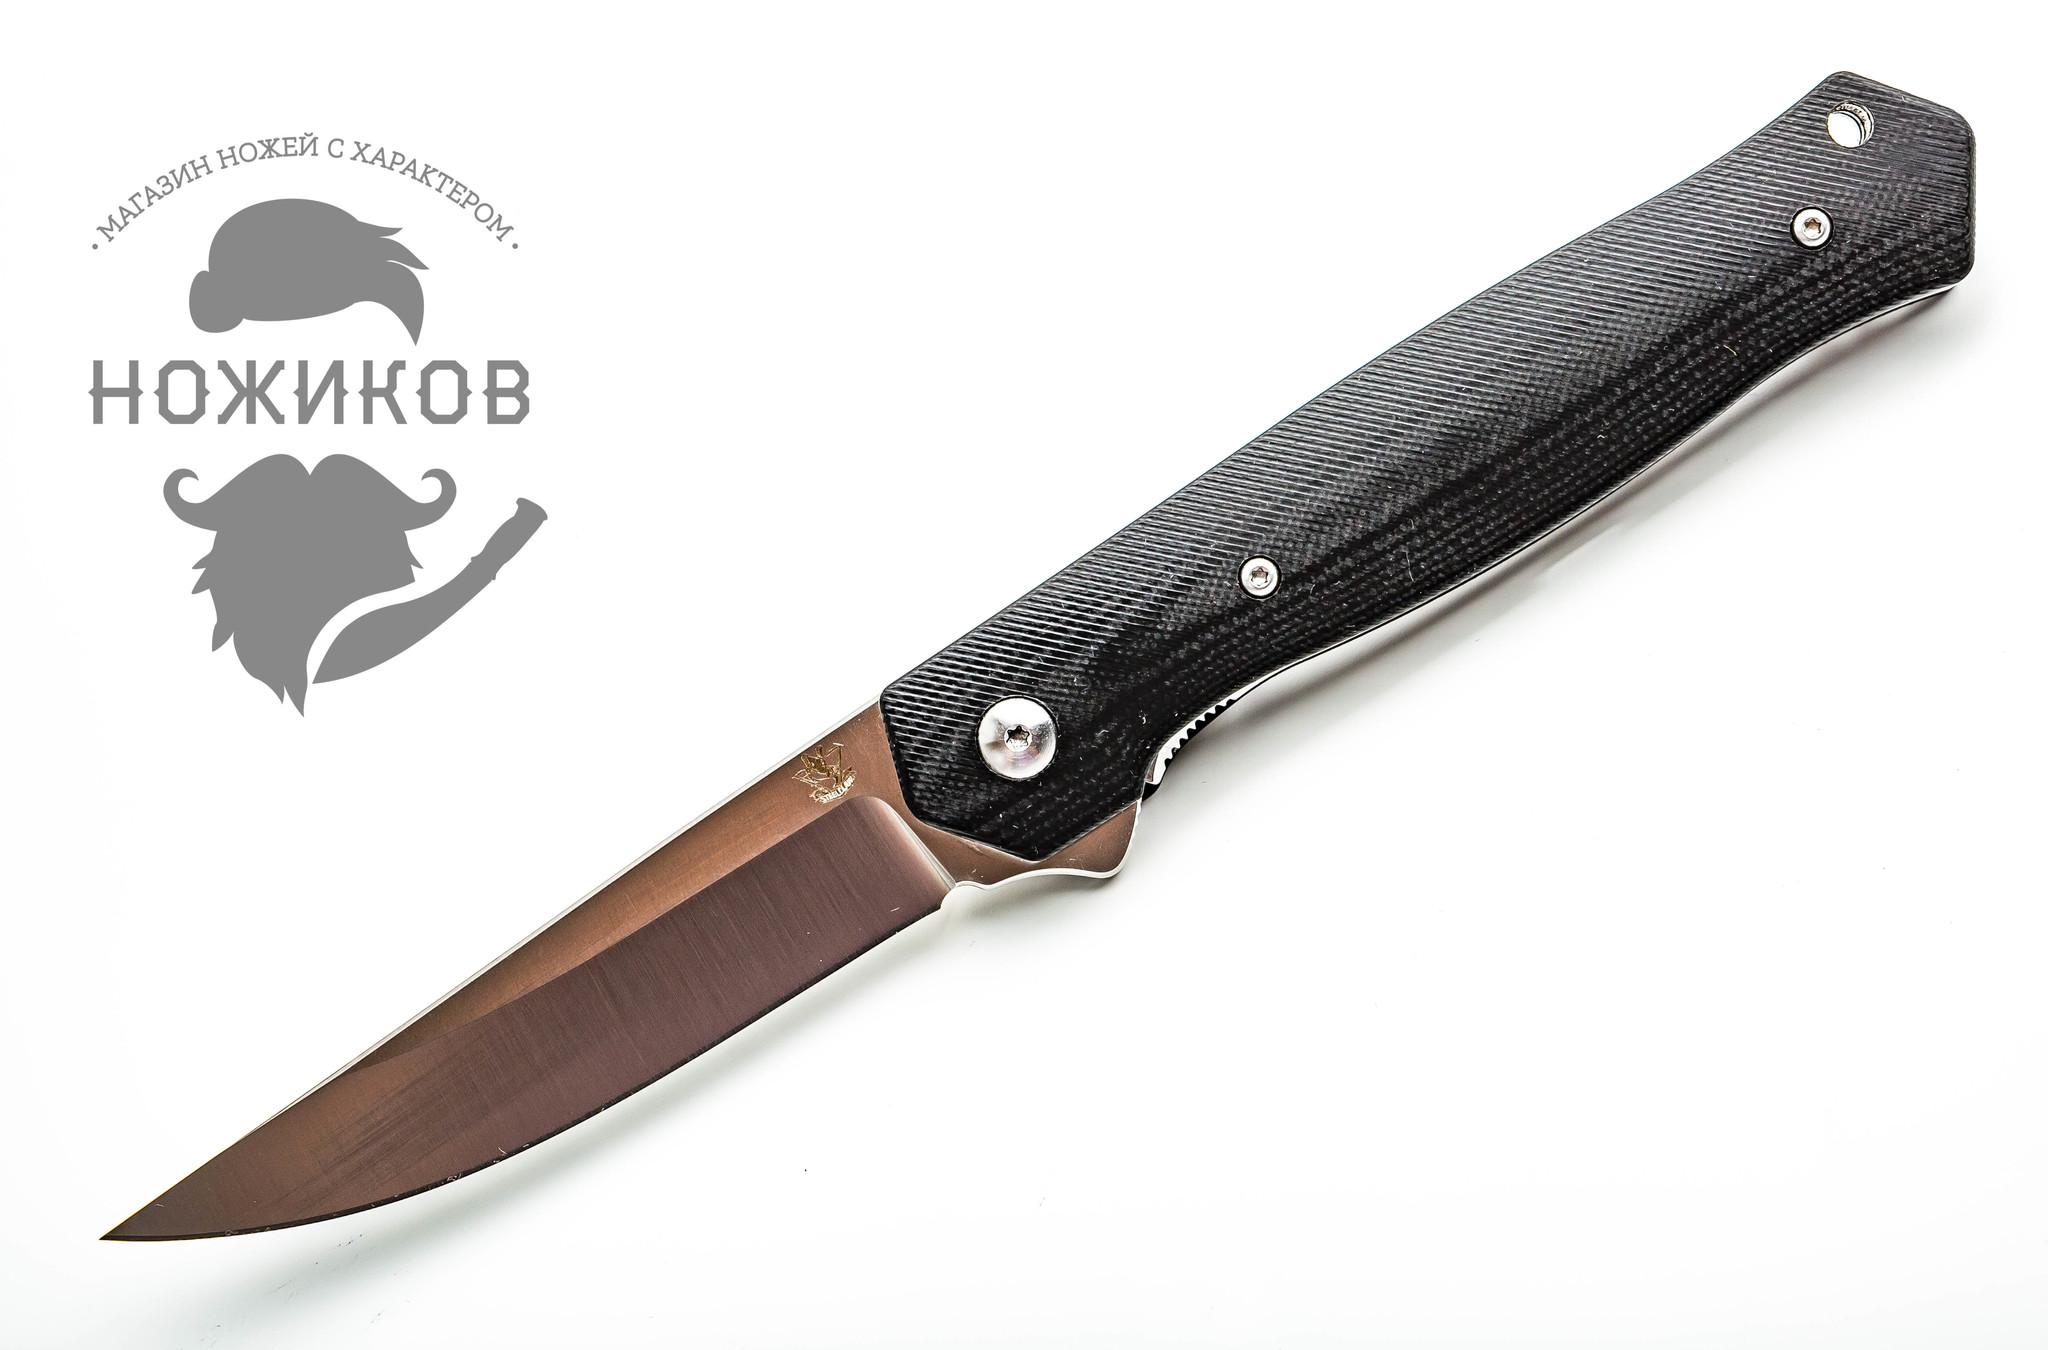 Складной нож 1067 от Steelclaw